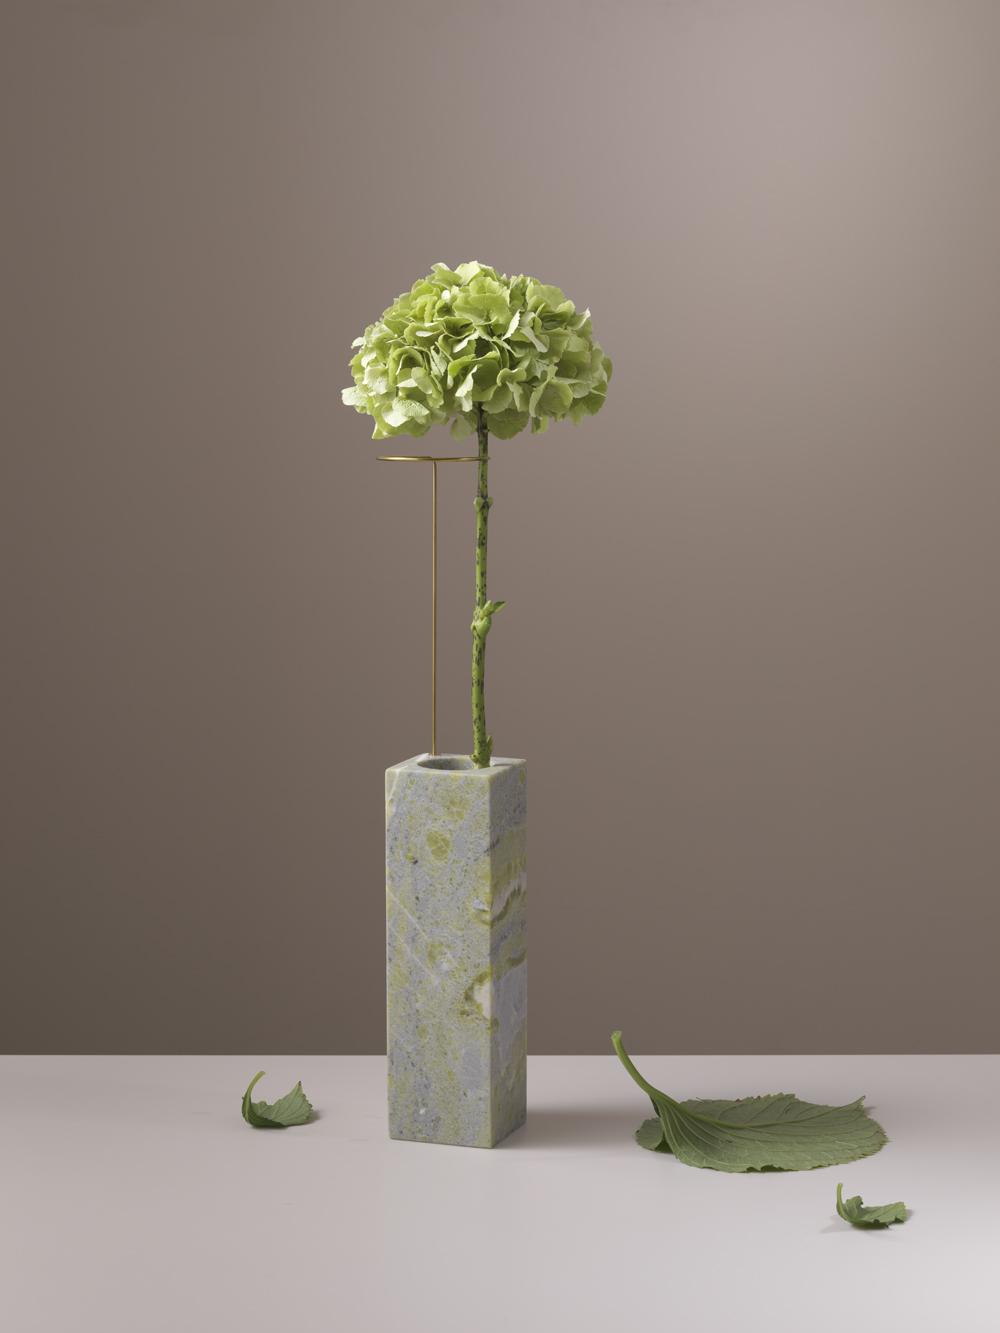 Carl-Kleiner-POSTURES-VASES-Green-Jade-Tall.jpg